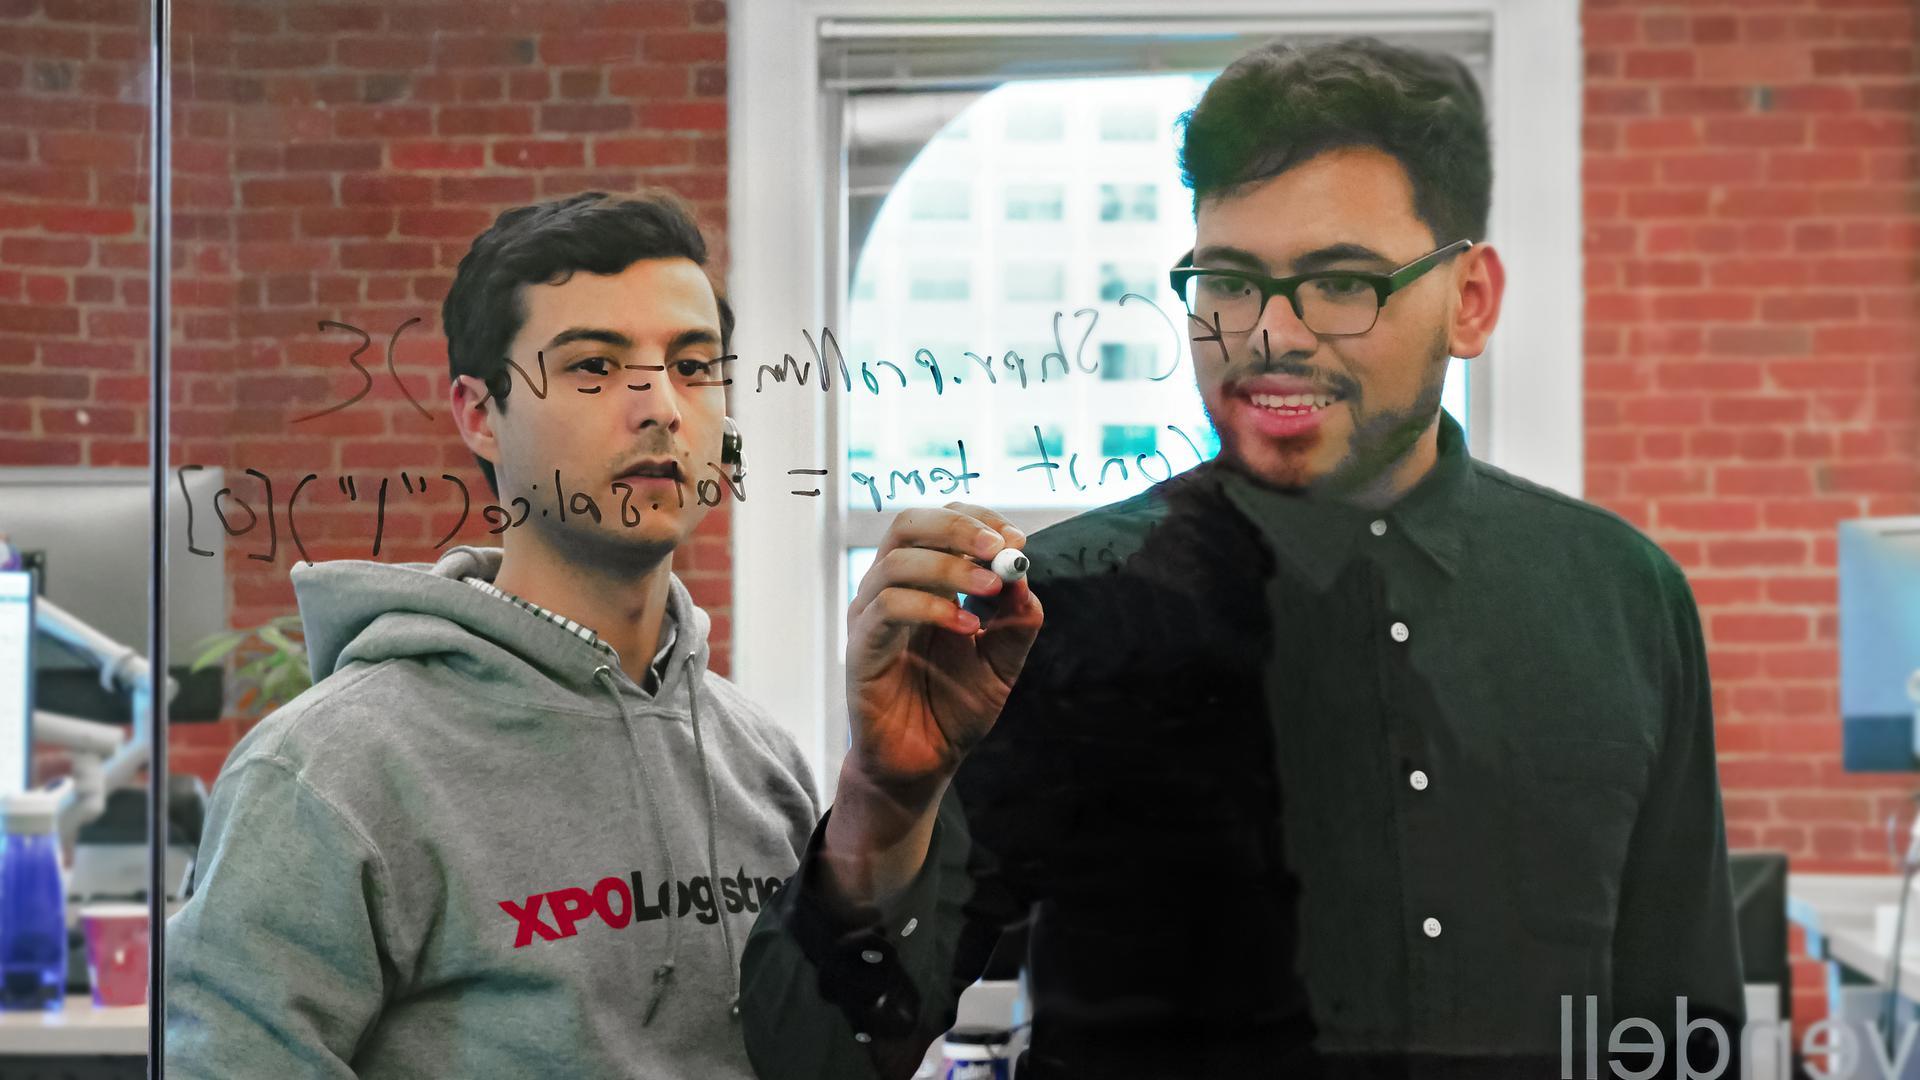 XPO engineers whiteboarding